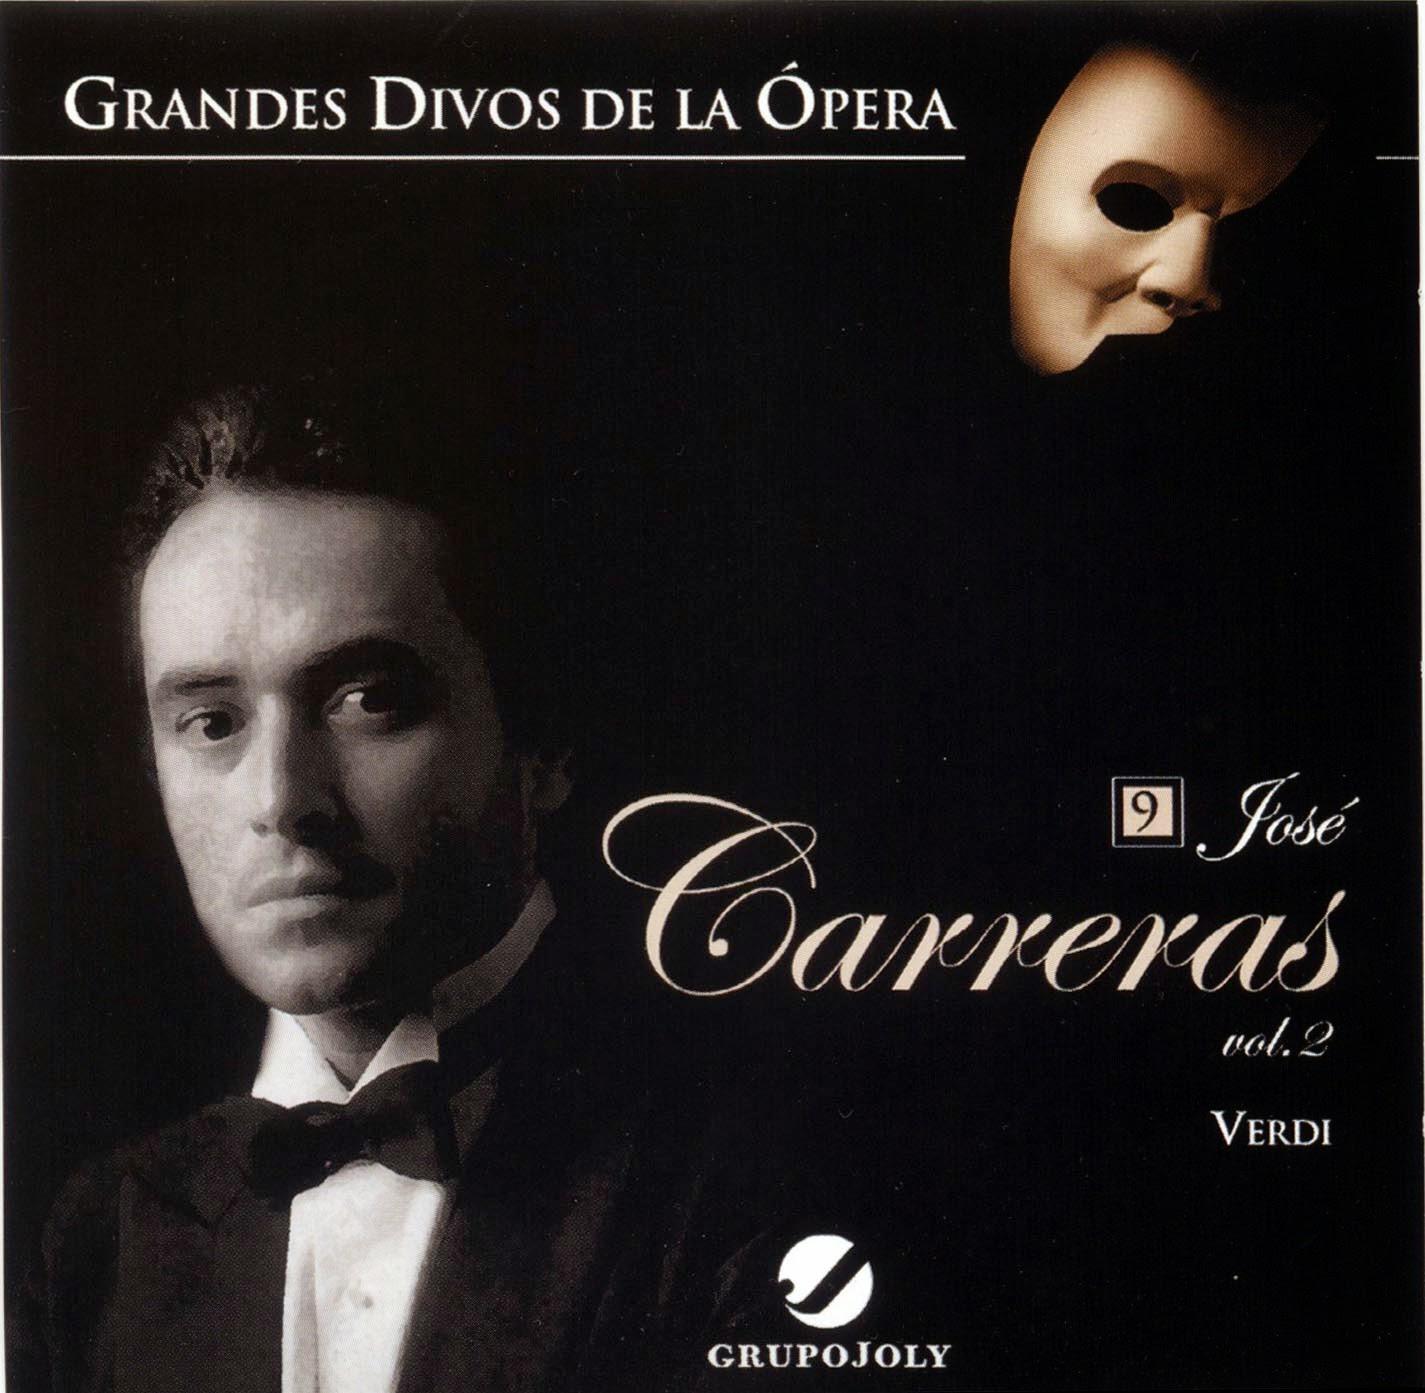 Grandes Divos de la Ópera-cd9-José Carreras-carátula frontal